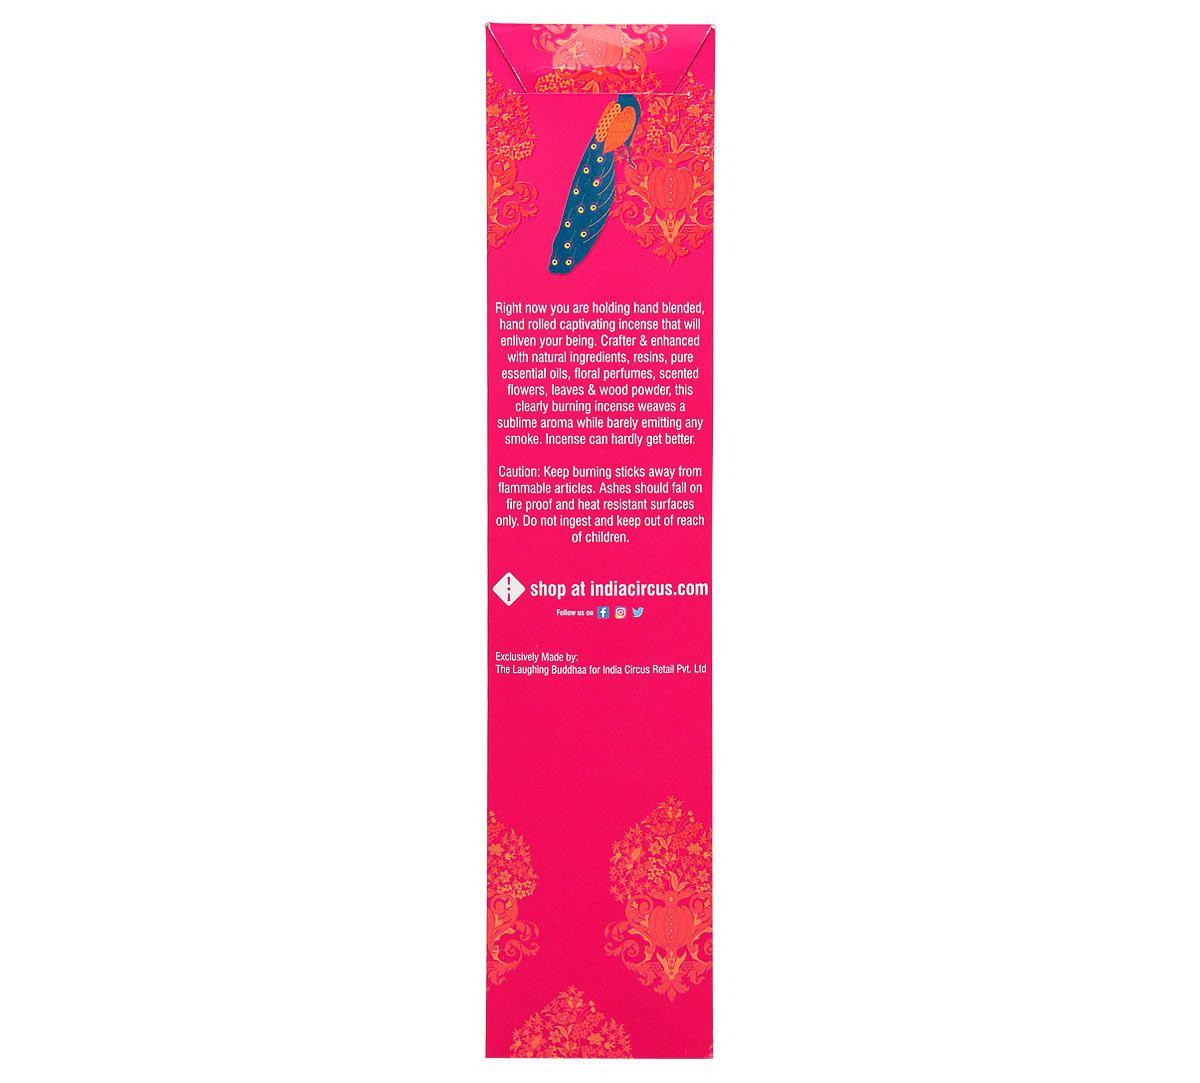 India Circus Grigio Oudh Incense Stick